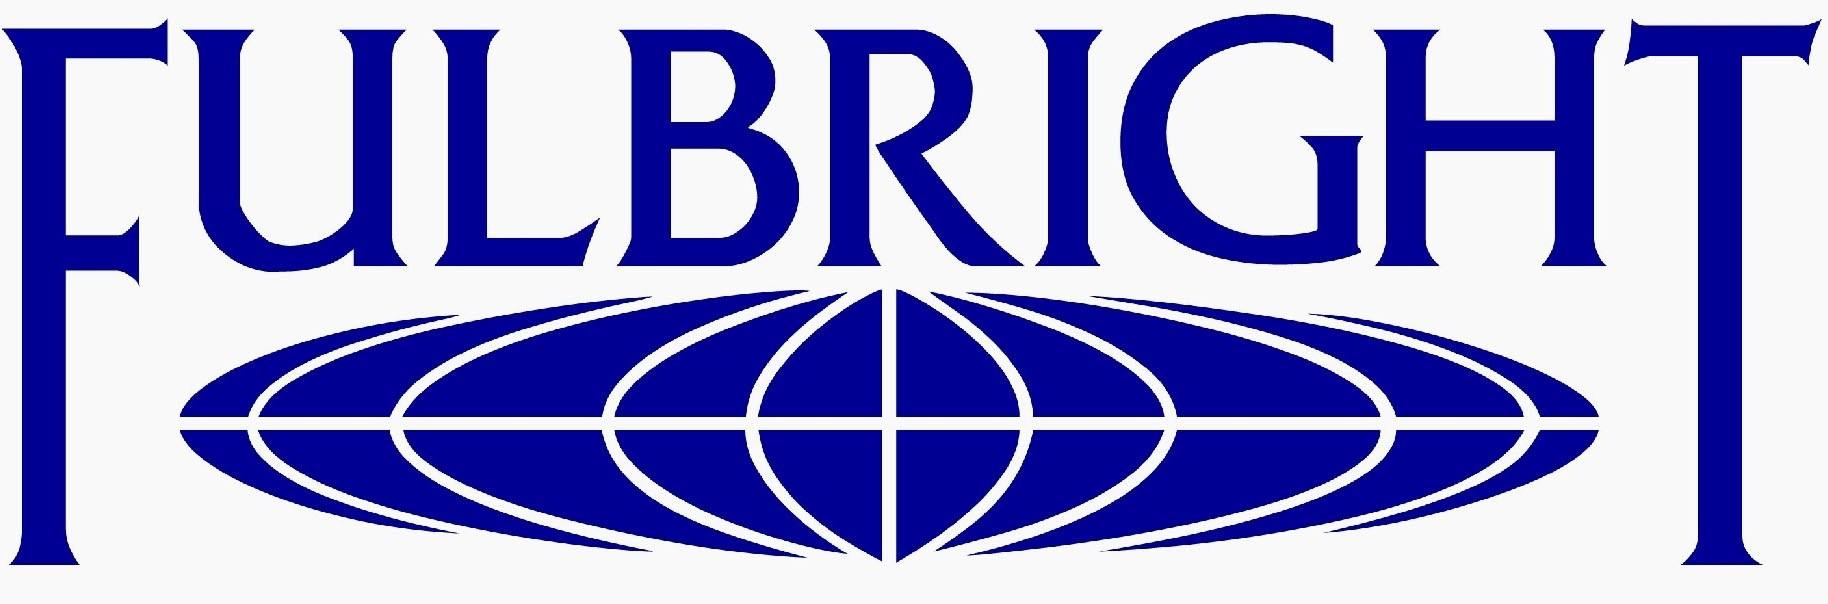 Υποτροφίες  Ιδρύματος Φούλμπραϊτ (FULBRIGHT) για σπουδές και έρευνα στις ΗΠΑ